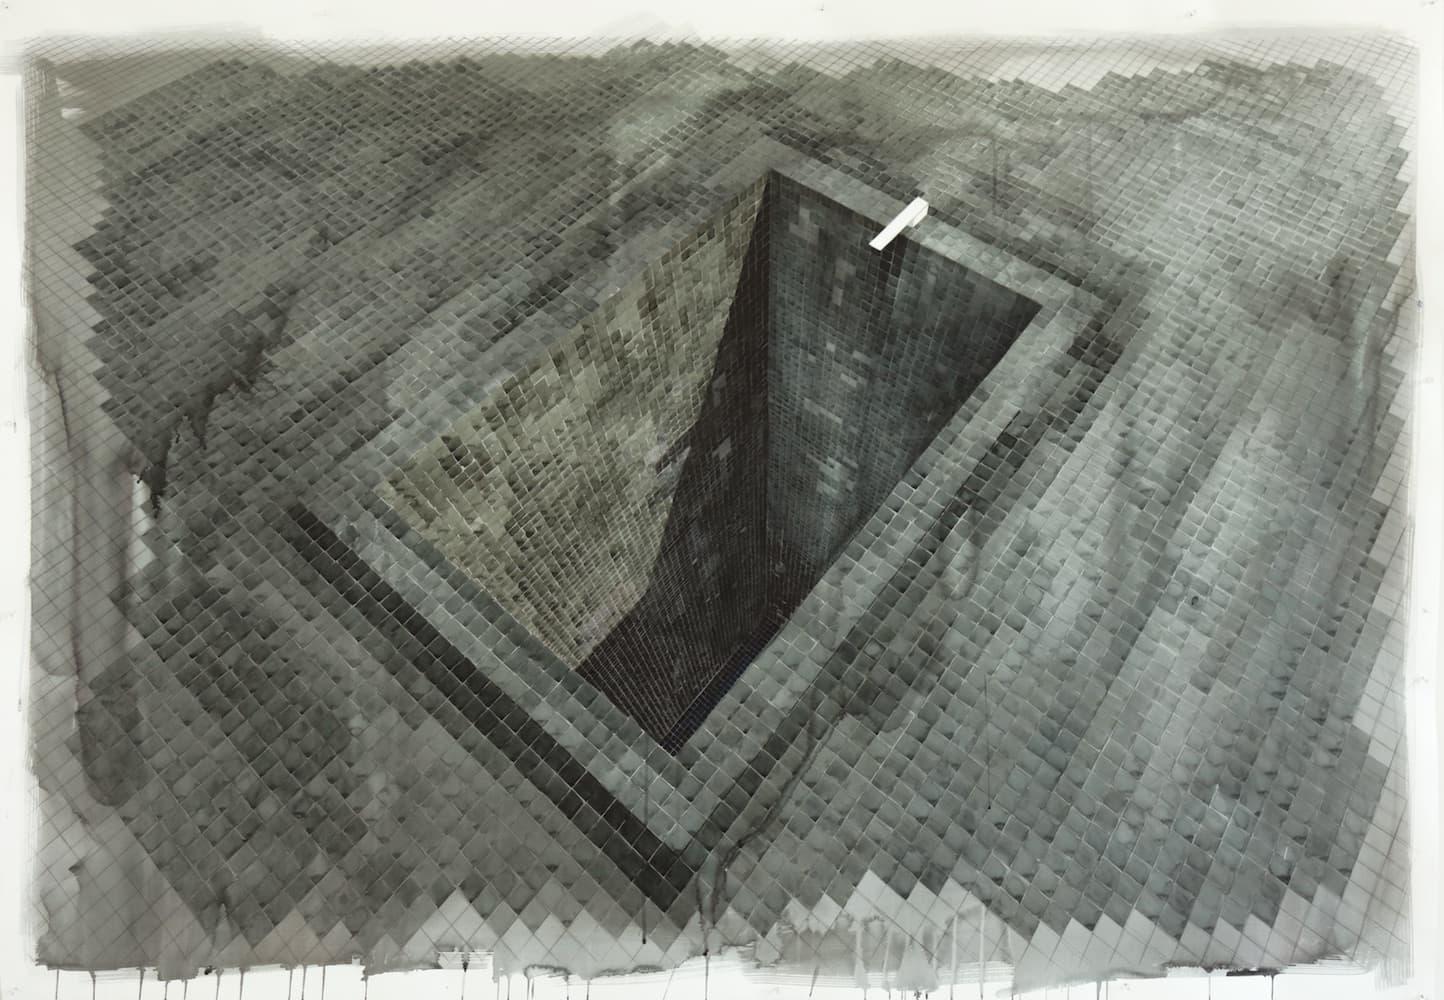 Black Empty Pool II - Acuarela sobre cartulina 188cm x 130cm 2020